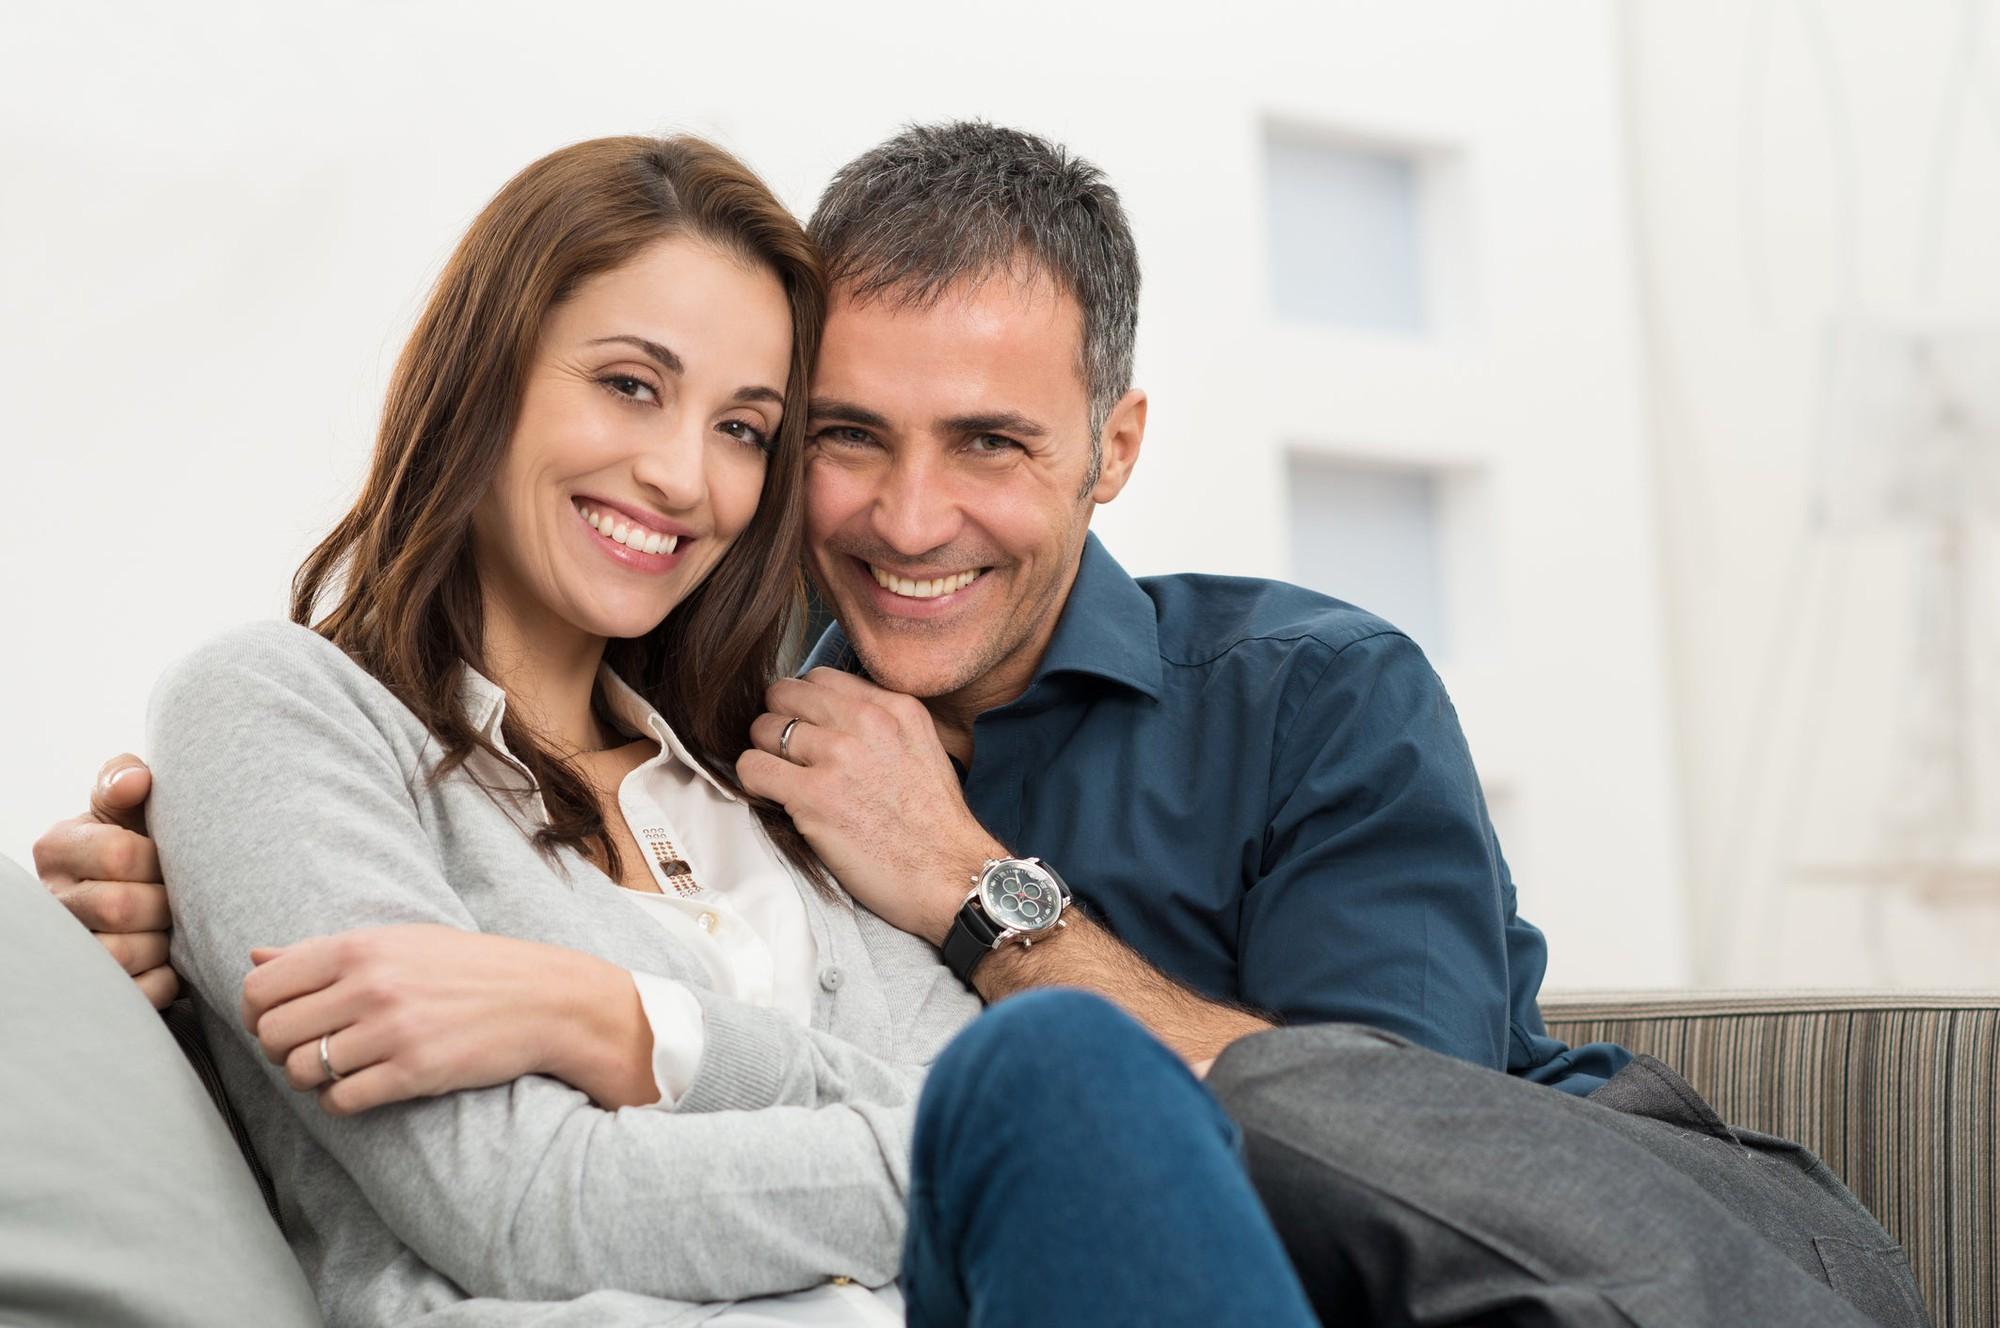 برای وابسته کردن شوهر برای داشتن یک رابطه جنسی بهتر برنامه ریزی کنید